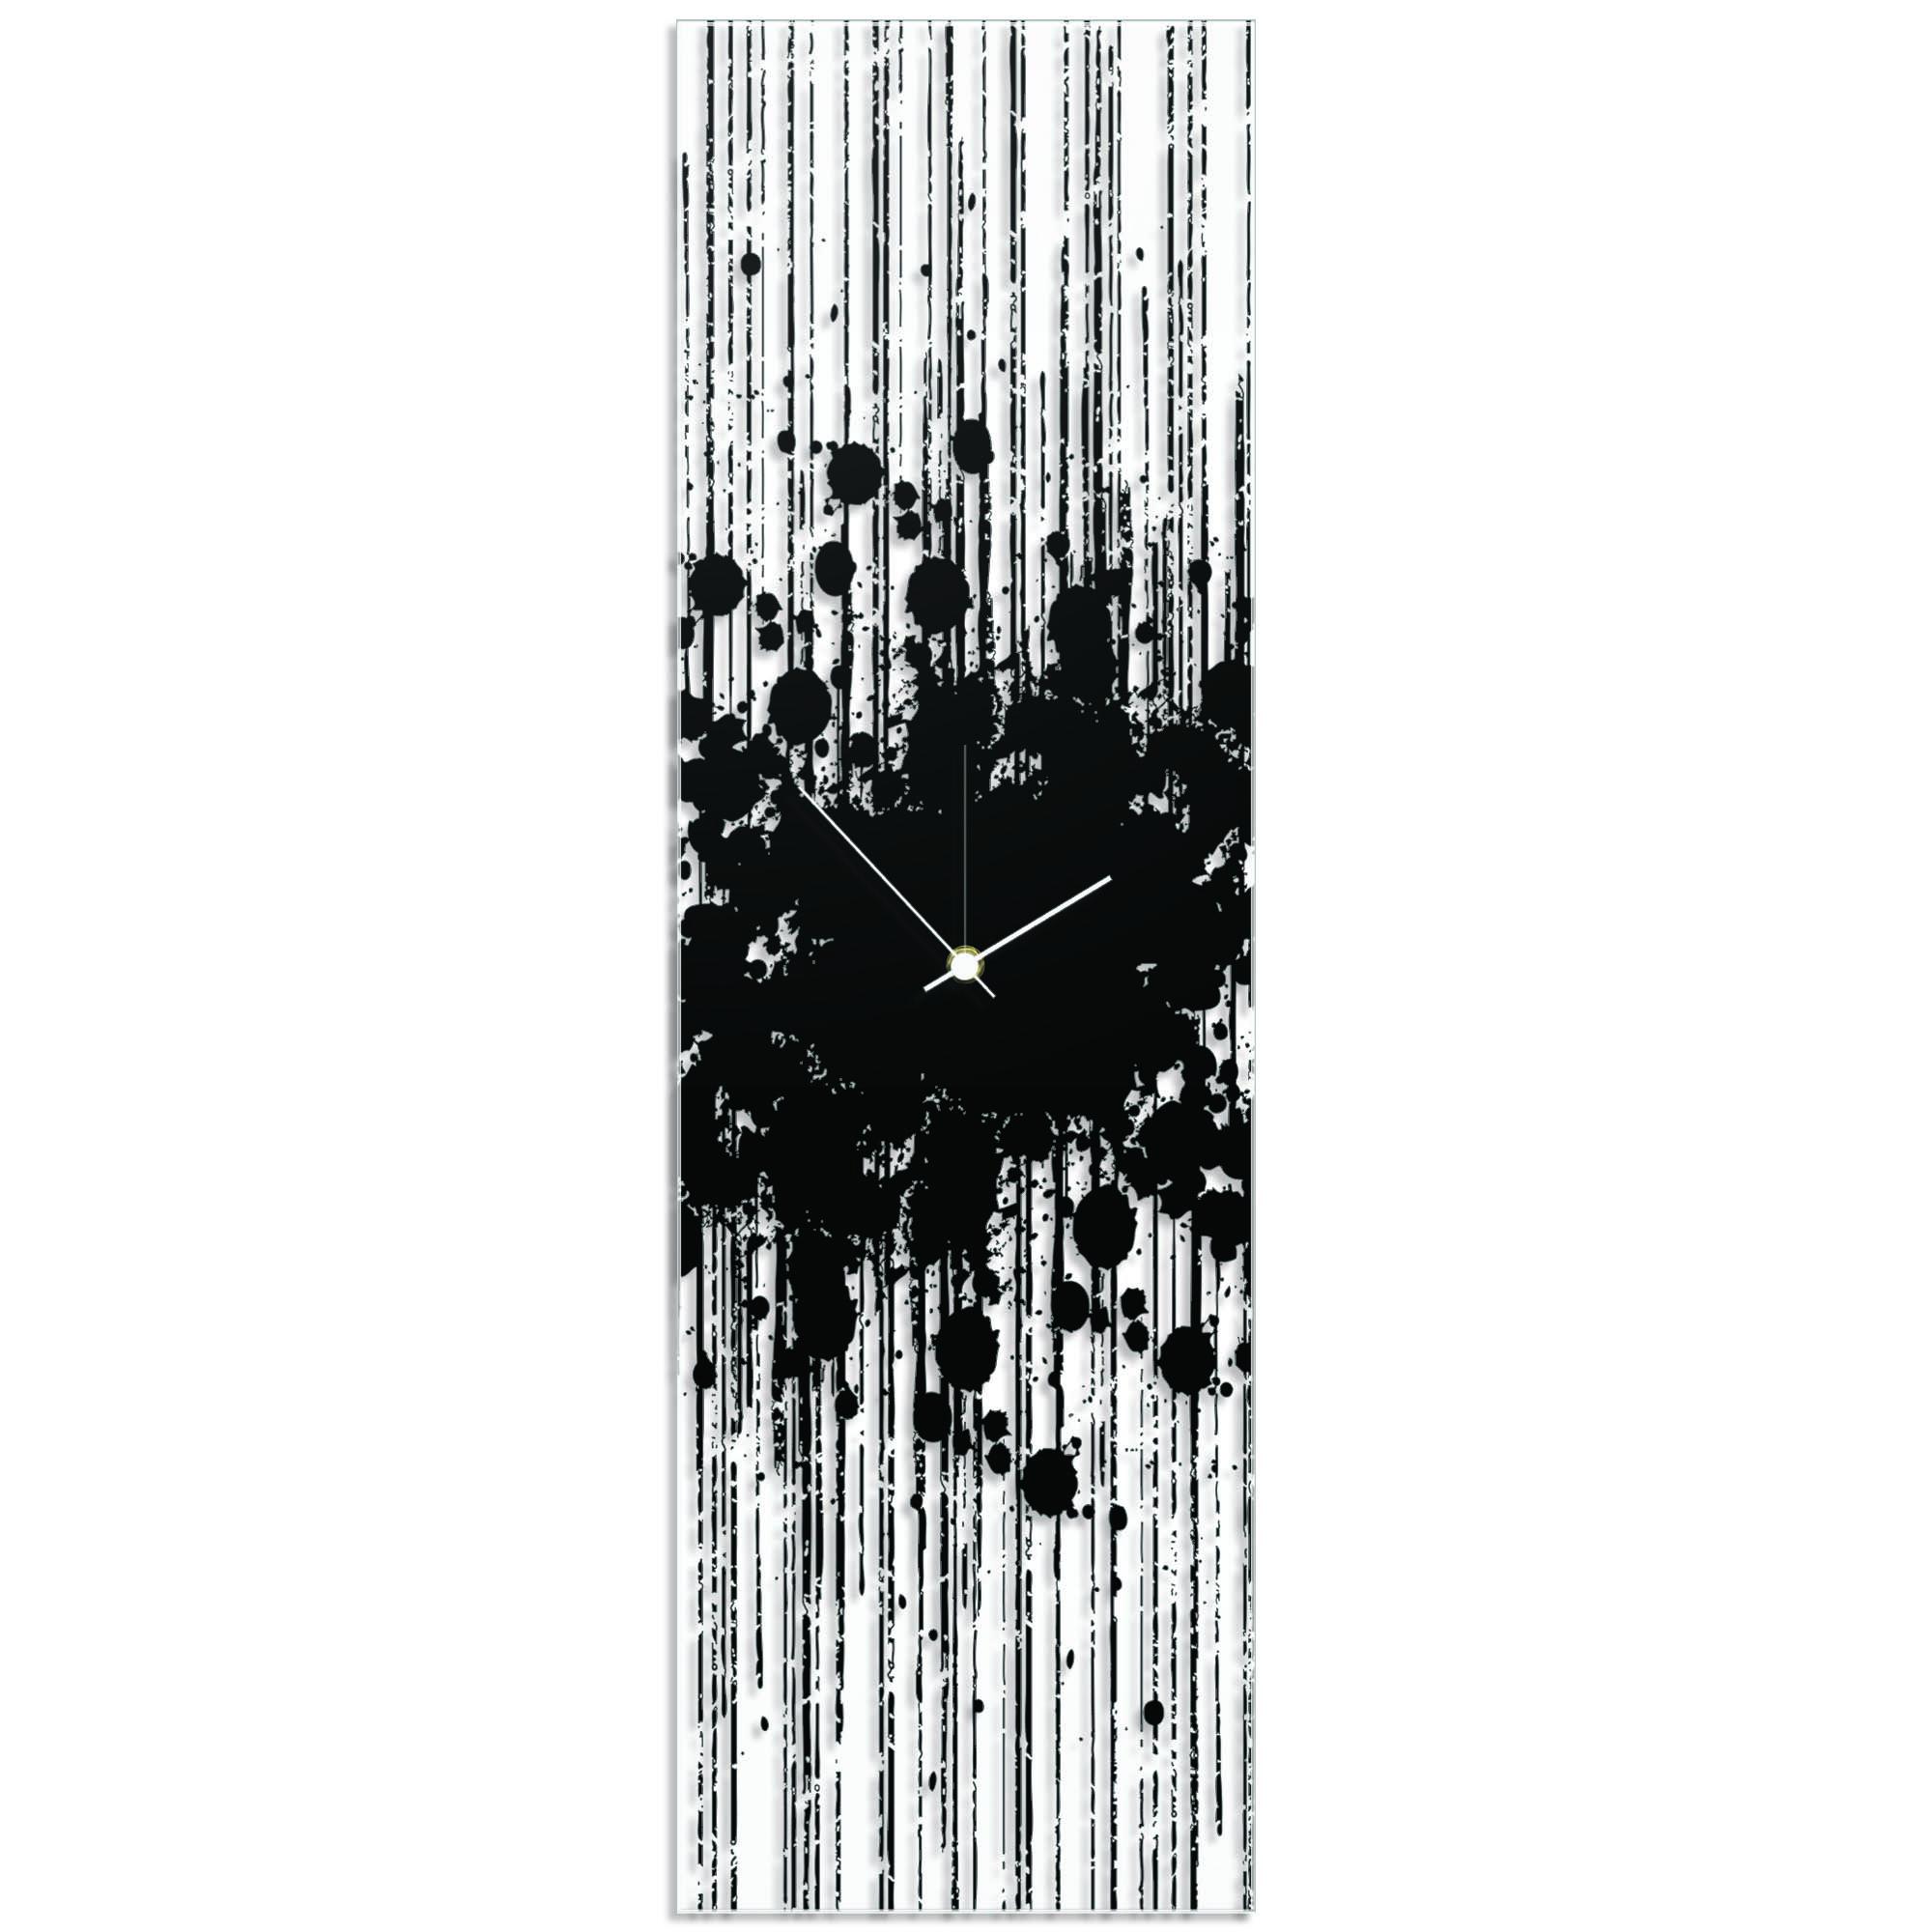 Black Paint Splatter Clock 9x30in. Plexiglass